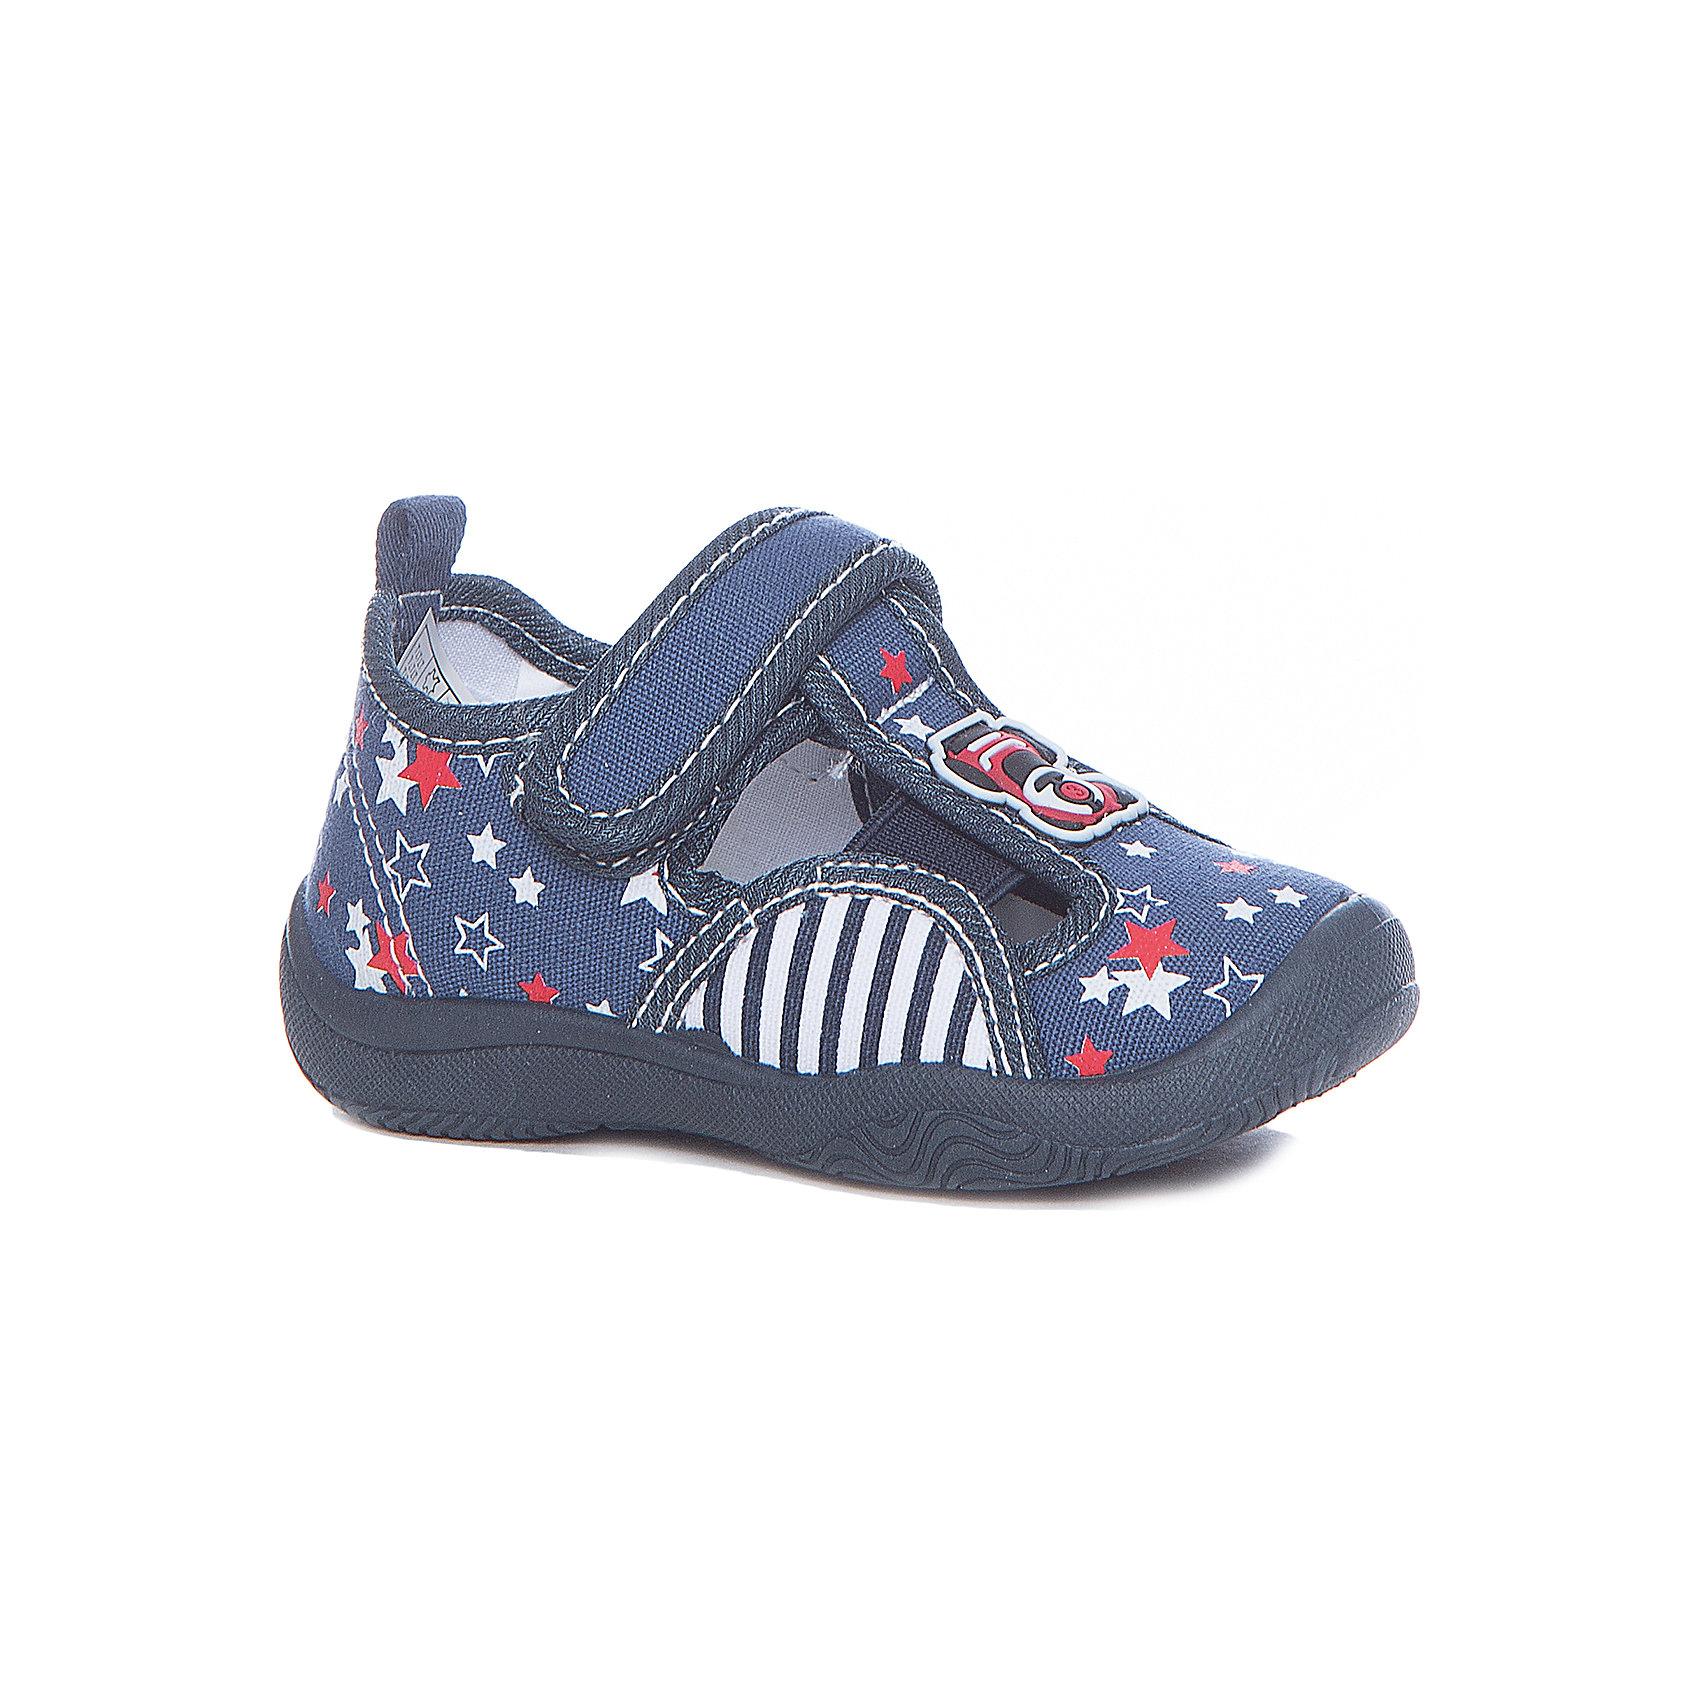 Текстильная обувь Mursu для мальчикаОбувь<br>Характеристики товара:<br><br>• цвет: синий<br>• материал верха: текстиль<br>• подклад: текстиль<br>• стелька: натуральная кожа<br>• подошва: ПВХ<br>• сезон: круглый год<br>• особенности модели: спортивный стиль<br>• застежка: резинка<br>• защита мыса<br>• анатомические <br>• страна бренда: Финляндия<br>• страна изготовитель: Китай<br><br>Текстильную обувь Mursu можно использовать как сменную в детском саду, так и для прогулок в сухую погоду. Удобная форма позволяет быстро надеть и снять обувь. <br><br>Обувь Мурсу - это качественная финская продукция, которая помогает детям выглядеть модно и чувствовать себя удобно.<br><br>Текстильную обувь для мальчика Mursu можно купить в нашем интернет-магазине.<br><br>Ширина мм: 227<br>Глубина мм: 145<br>Высота мм: 124<br>Вес г: 325<br>Цвет: синий<br>Возраст от месяцев: 24<br>Возраст до месяцев: 36<br>Пол: Мужской<br>Возраст: Детский<br>Размер: 26,21,22,23,24,25<br>SKU: 6852059